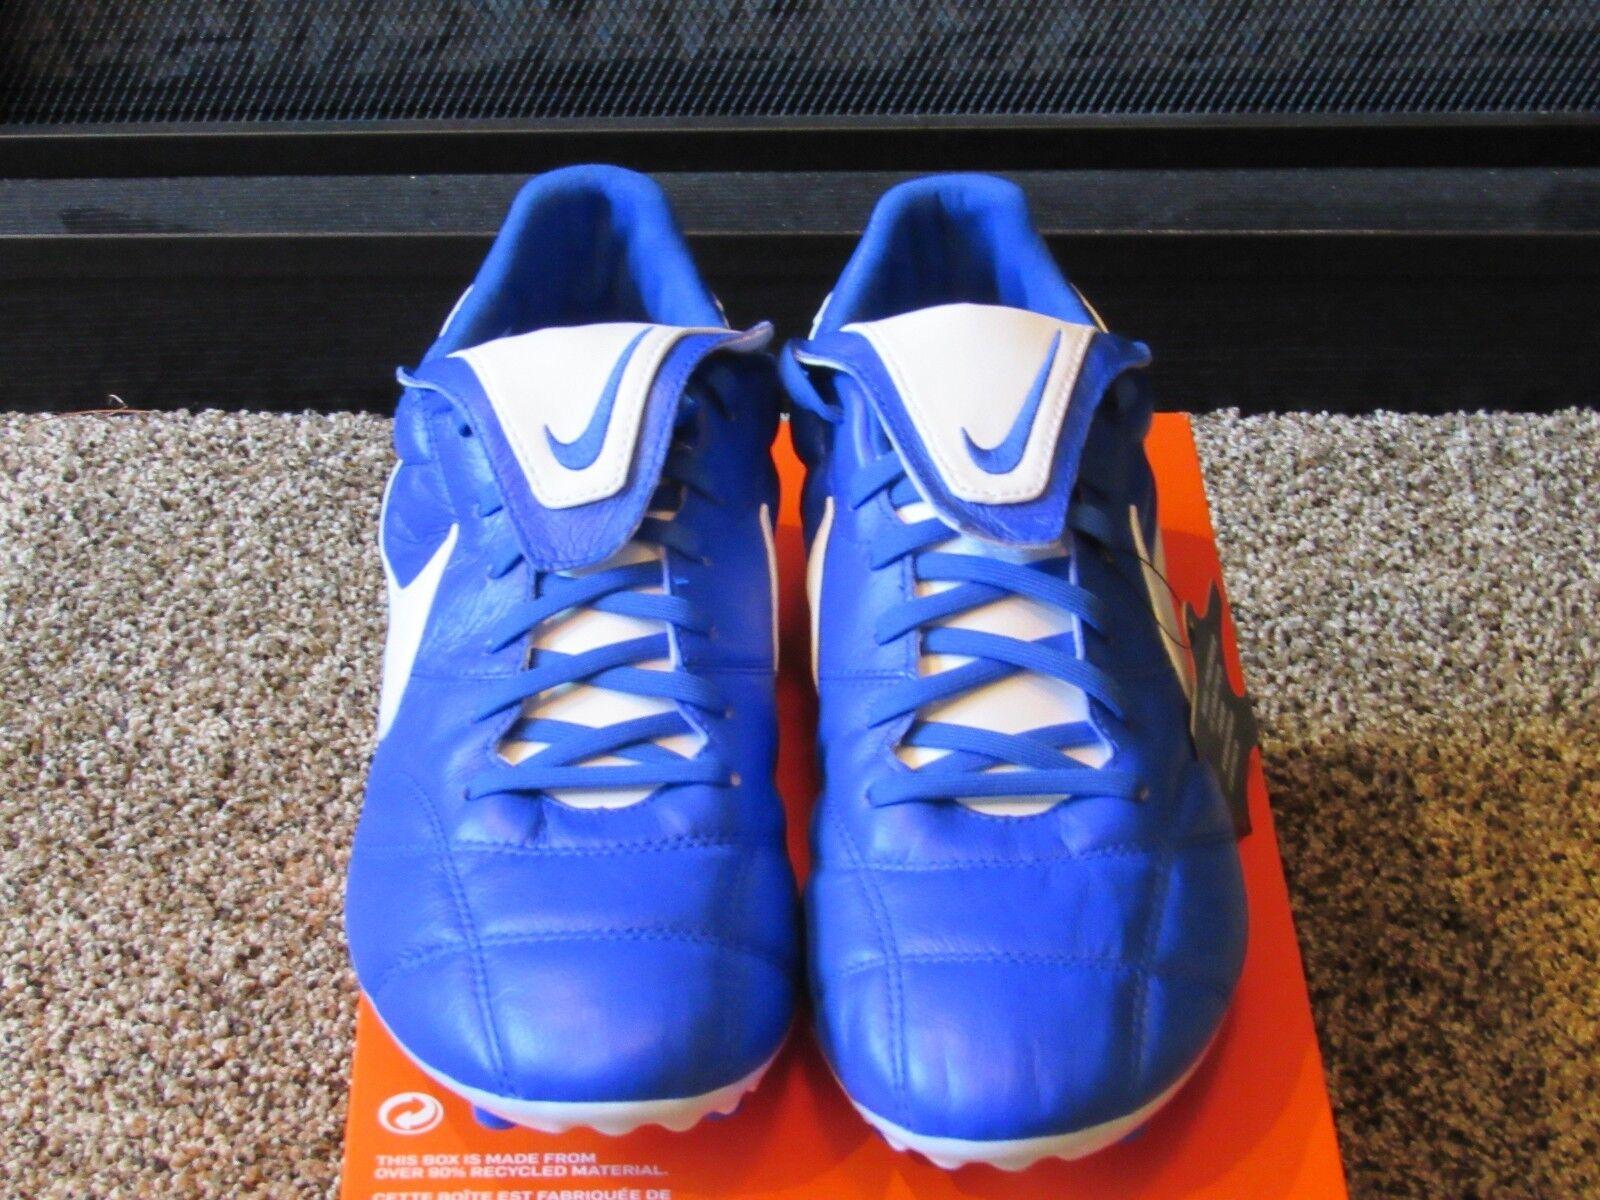 Gli Uomini È La Nike Premier Calcio Ii Fg Scarpini Da Calcio Premier / Picchi 917803 407 Il Calcio Blu aed0c0